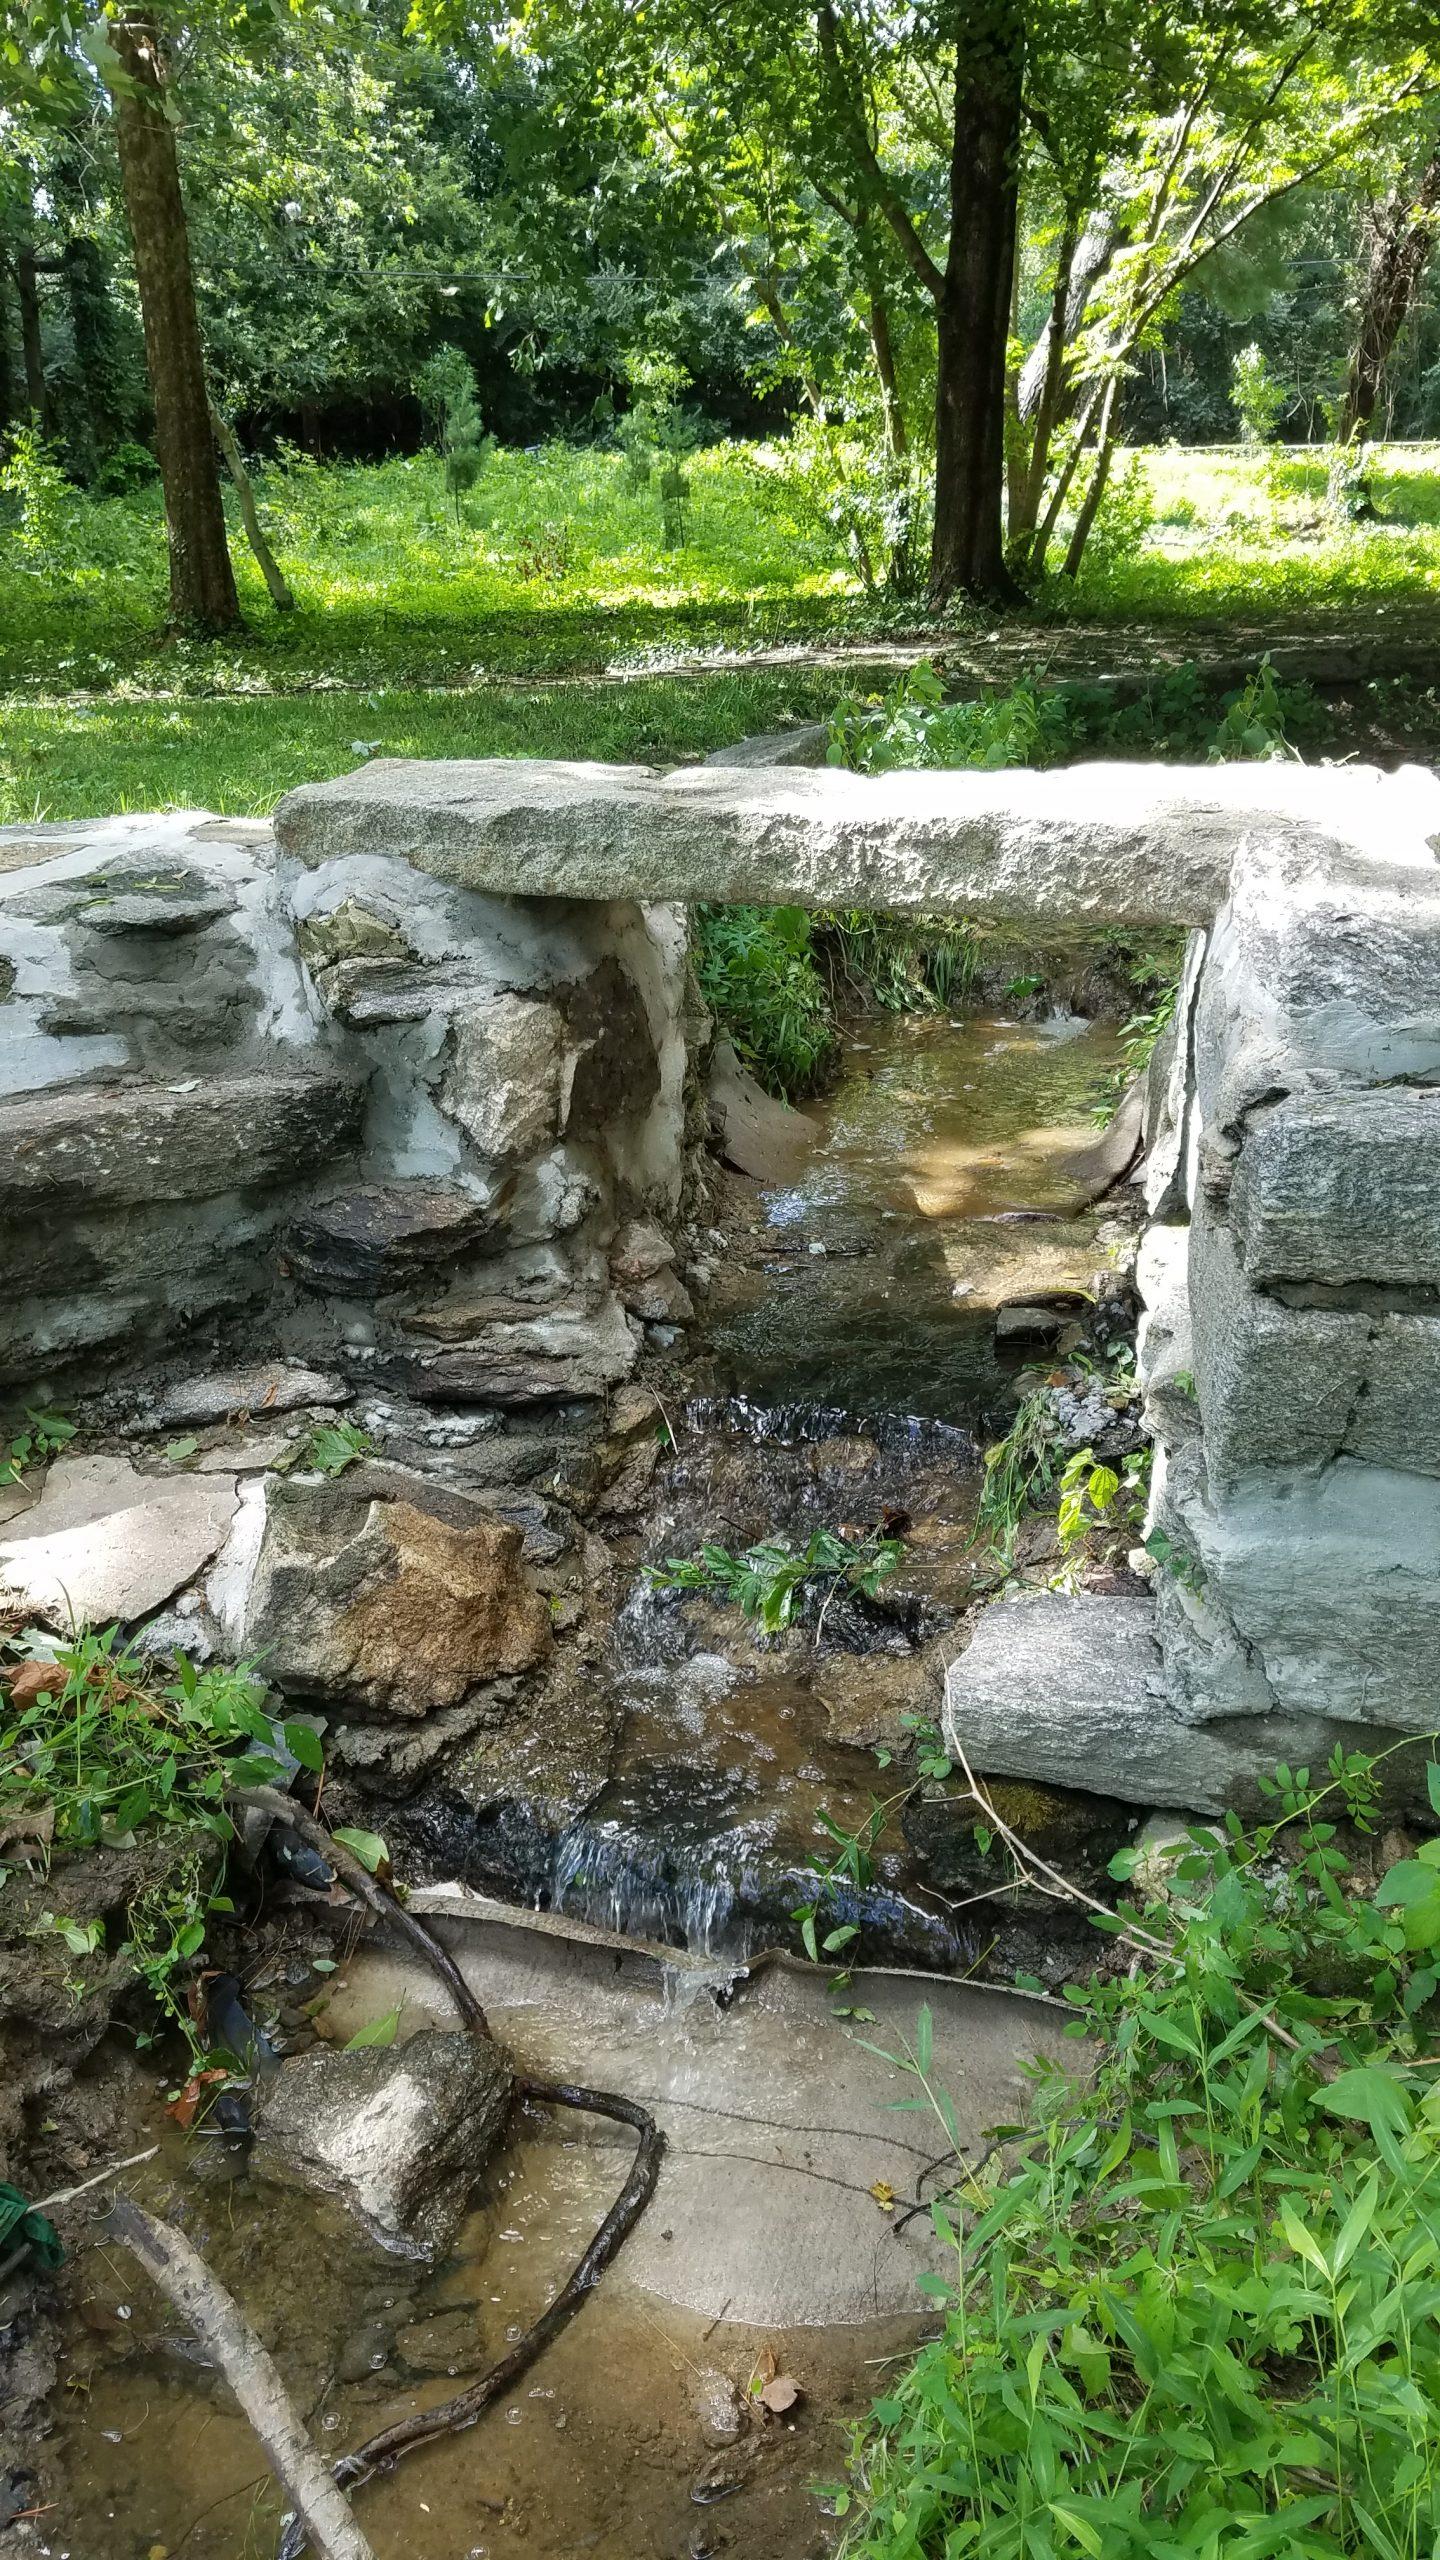 creek with stone footbridge